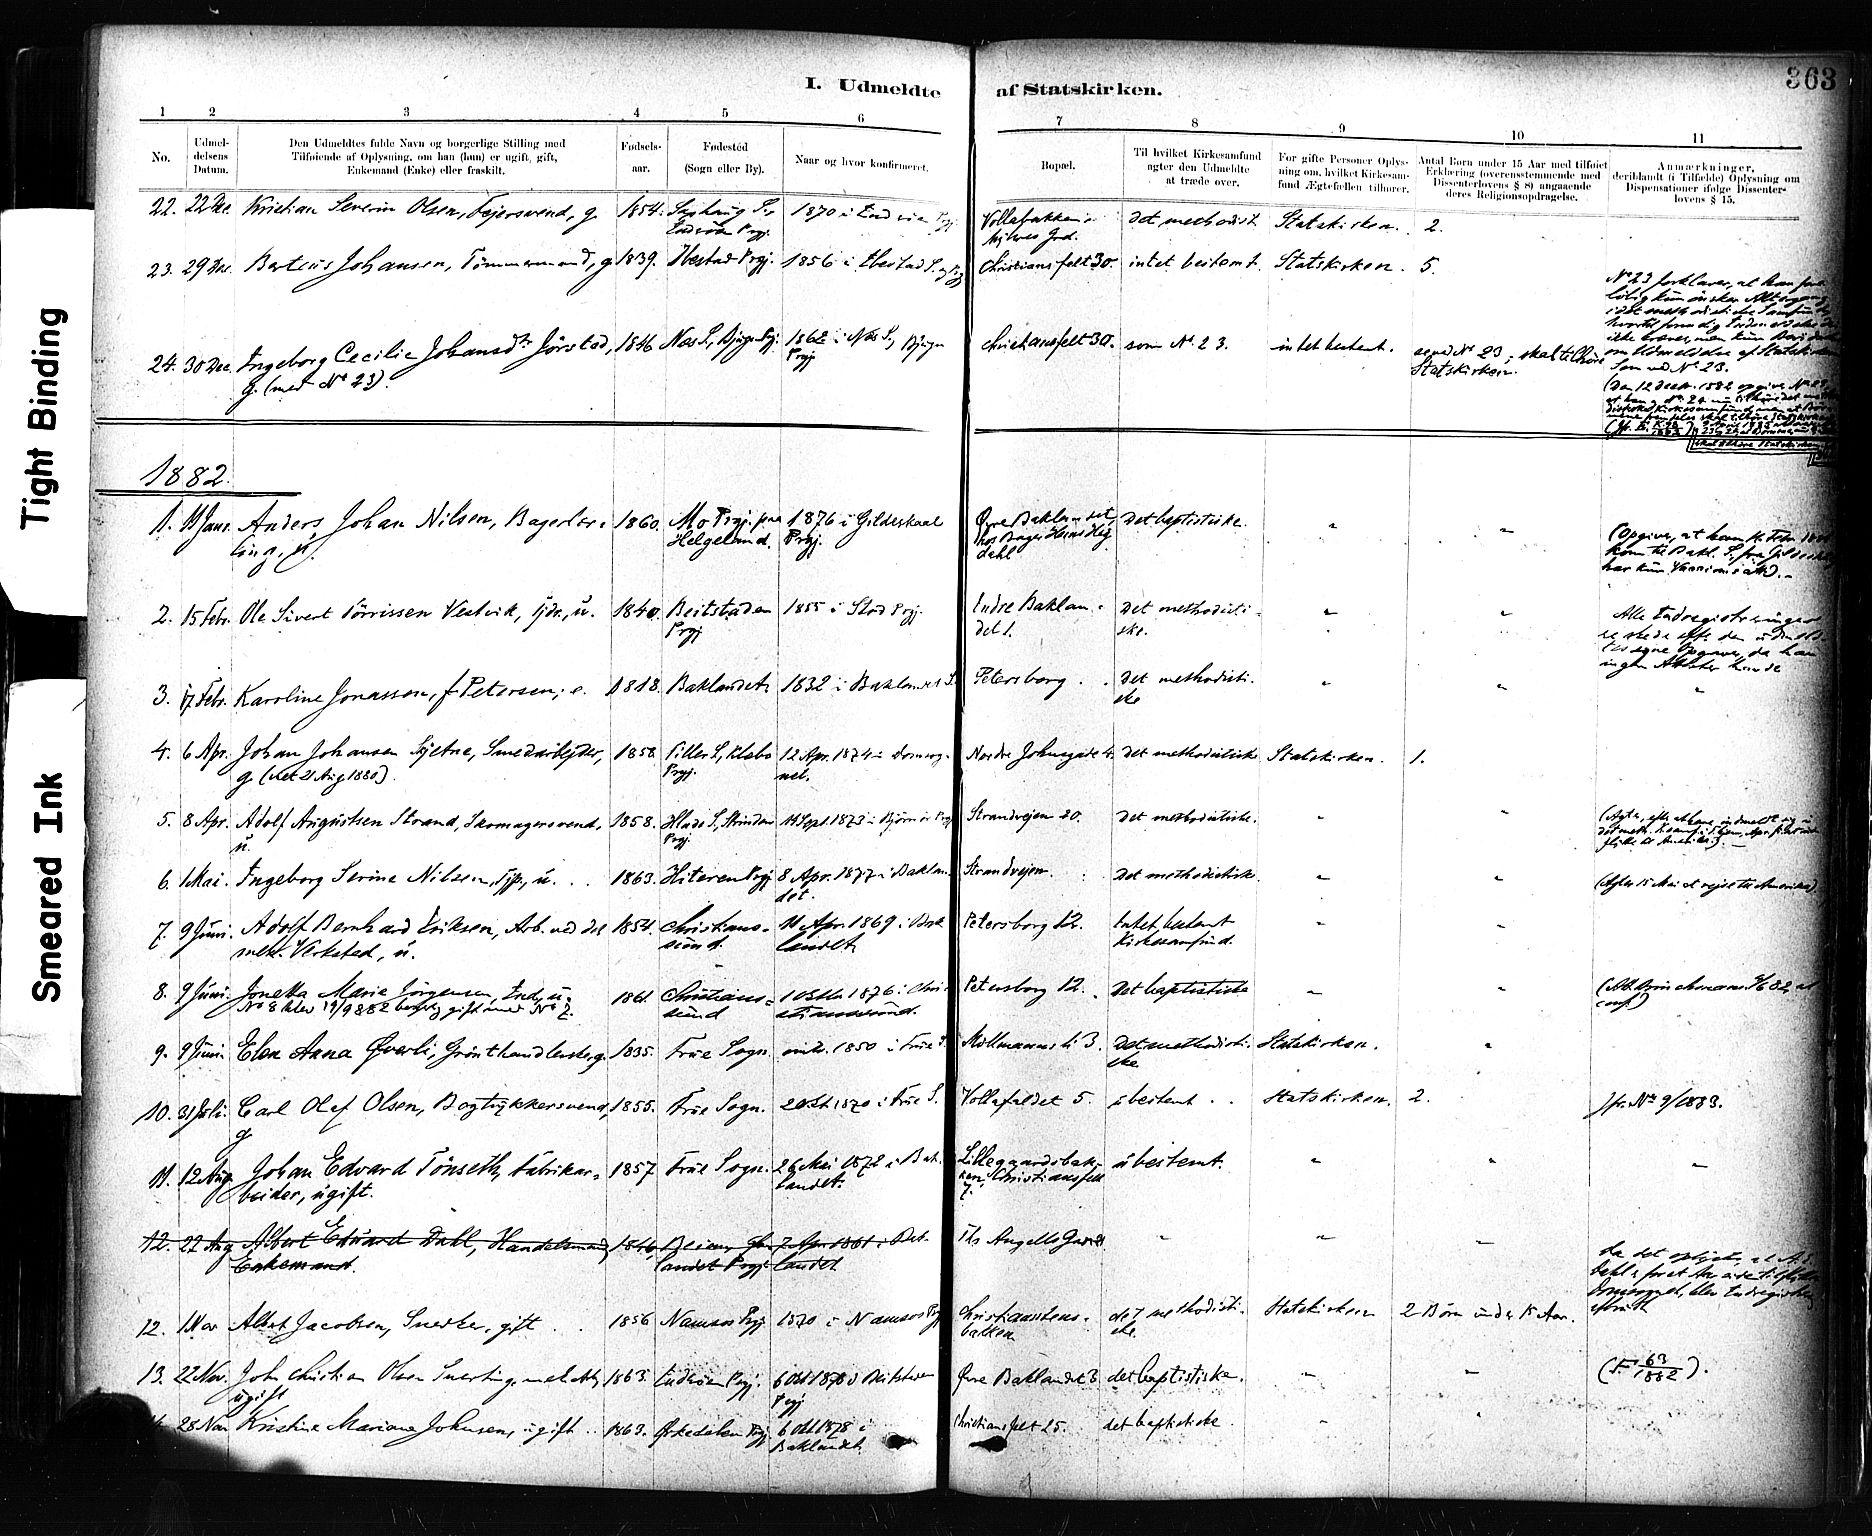 SAT, Ministerialprotokoller, klokkerbøker og fødselsregistre - Sør-Trøndelag, 604/L0189: Ministerialbok nr. 604A10, 1878-1892, s. 363